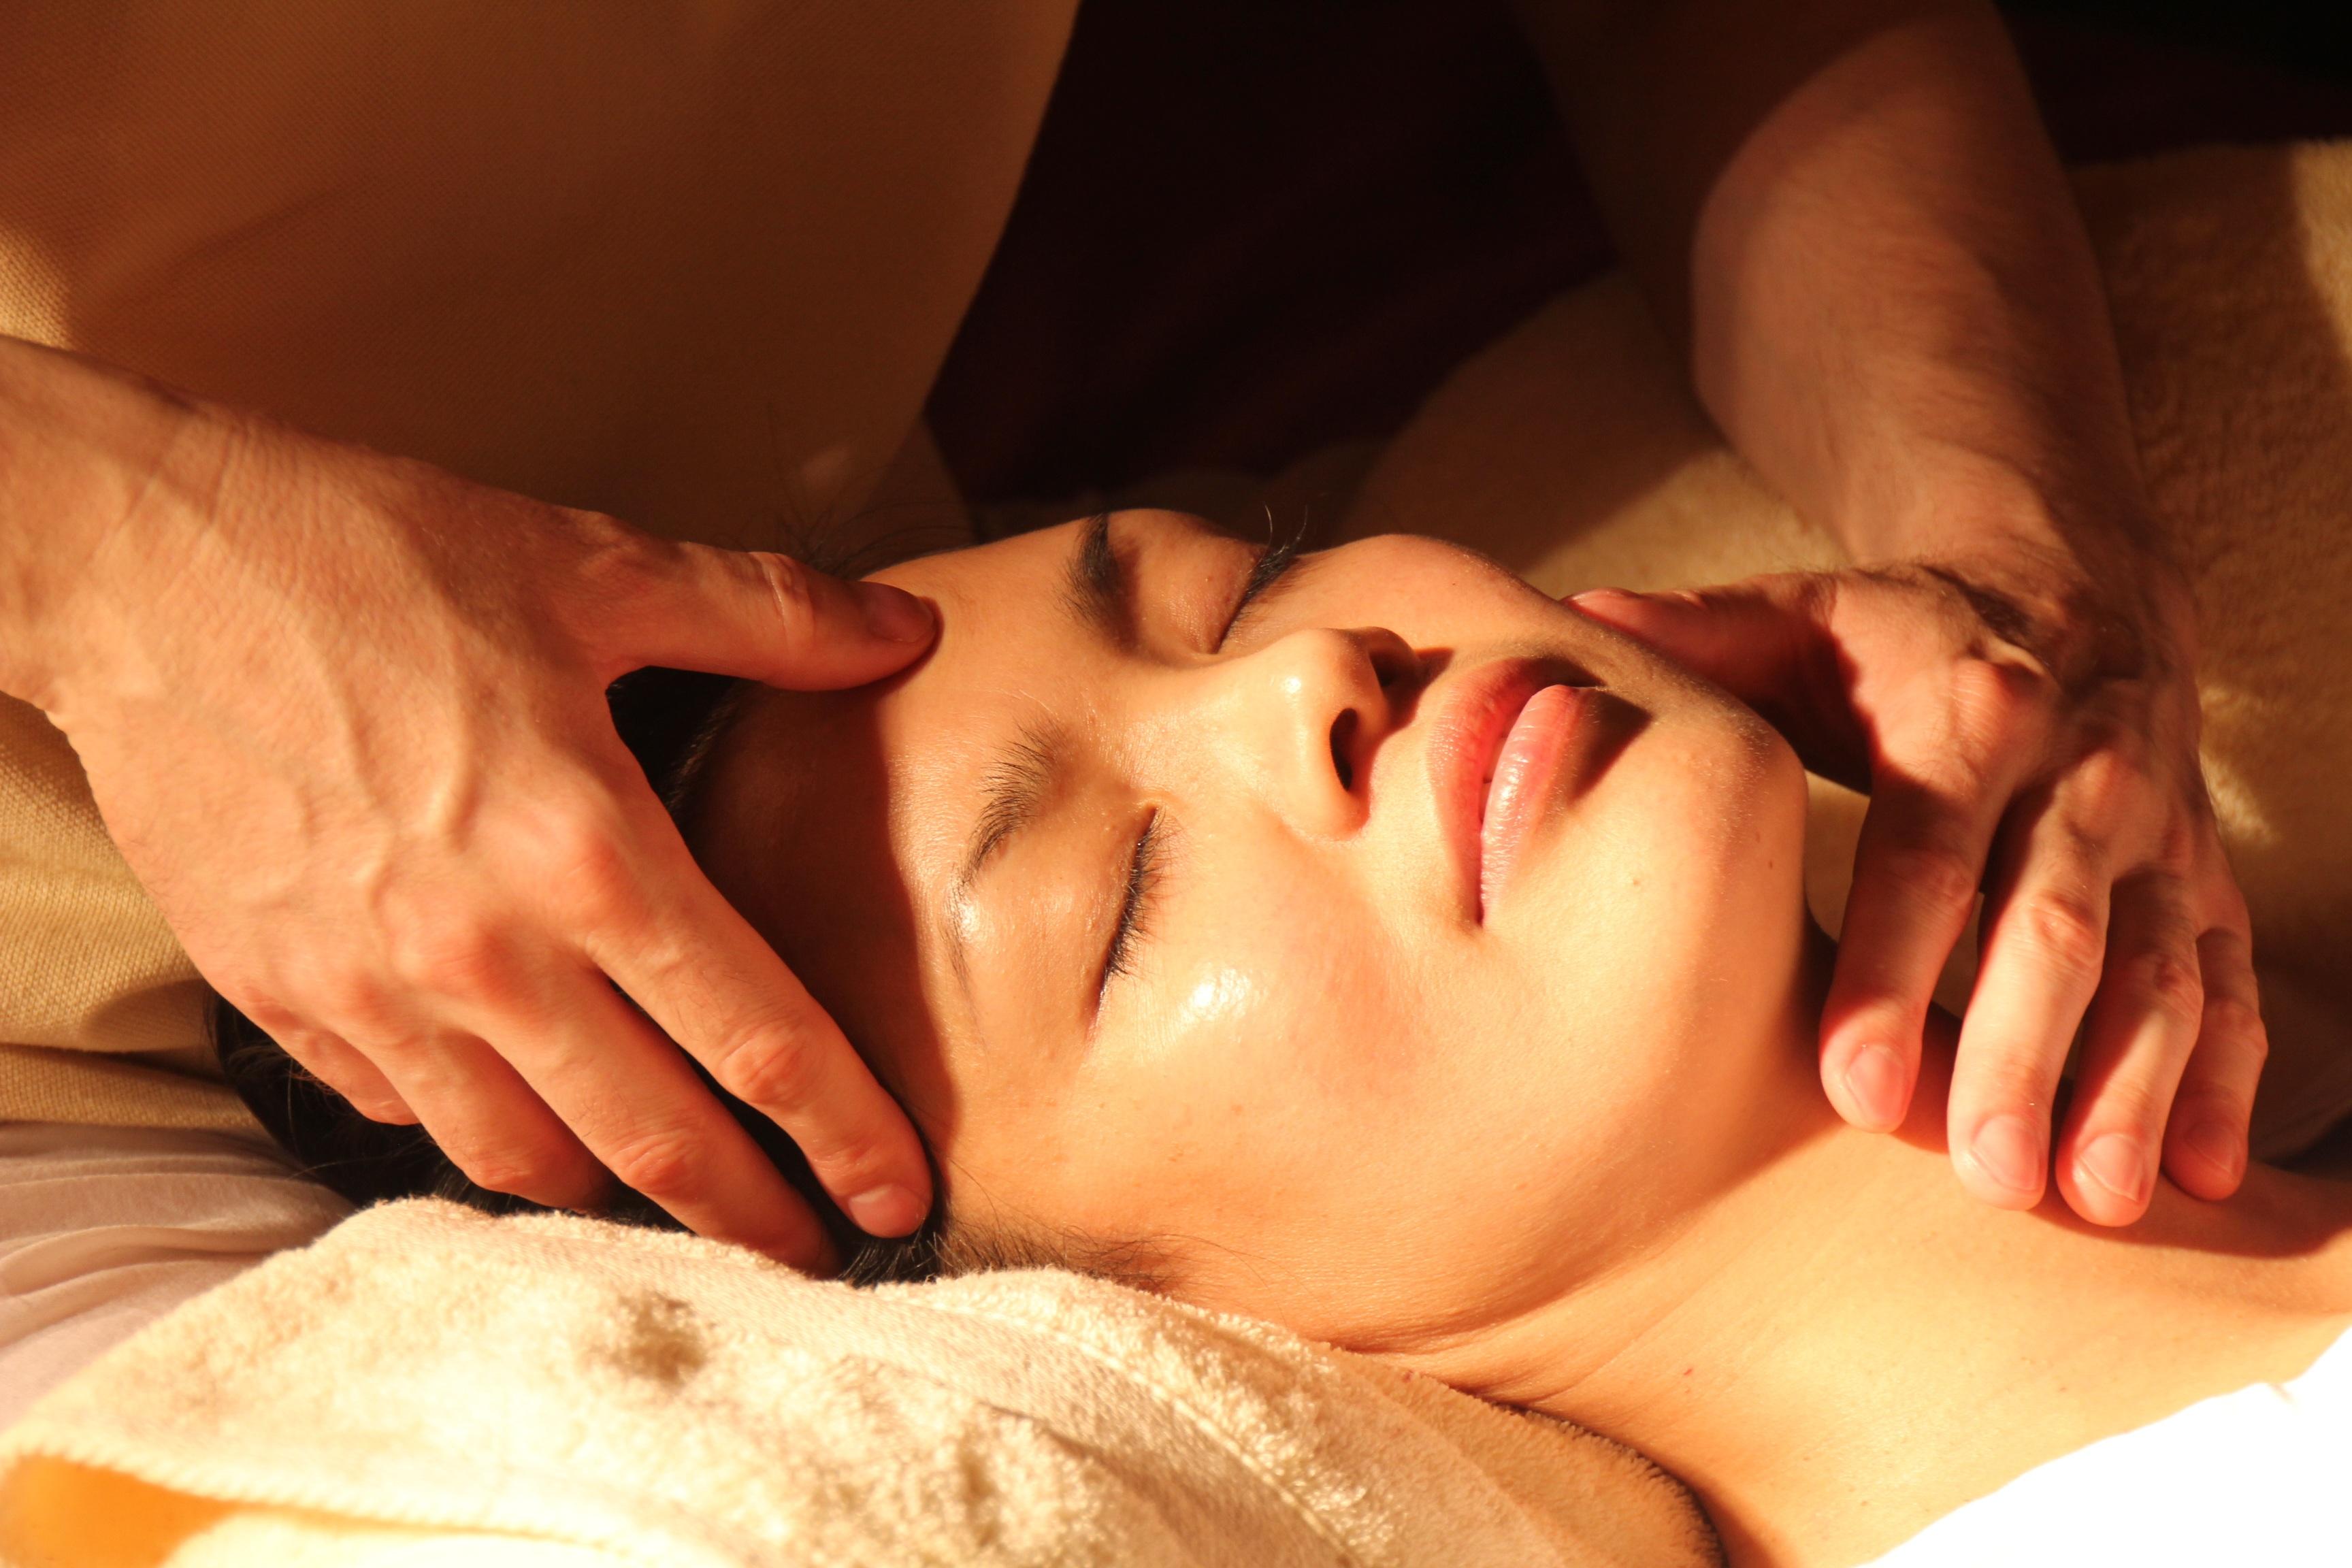 Abbildung: Wipha Thai Massage Studio. Massagen. Kopf-/Rücken-/Nacken-Massage.